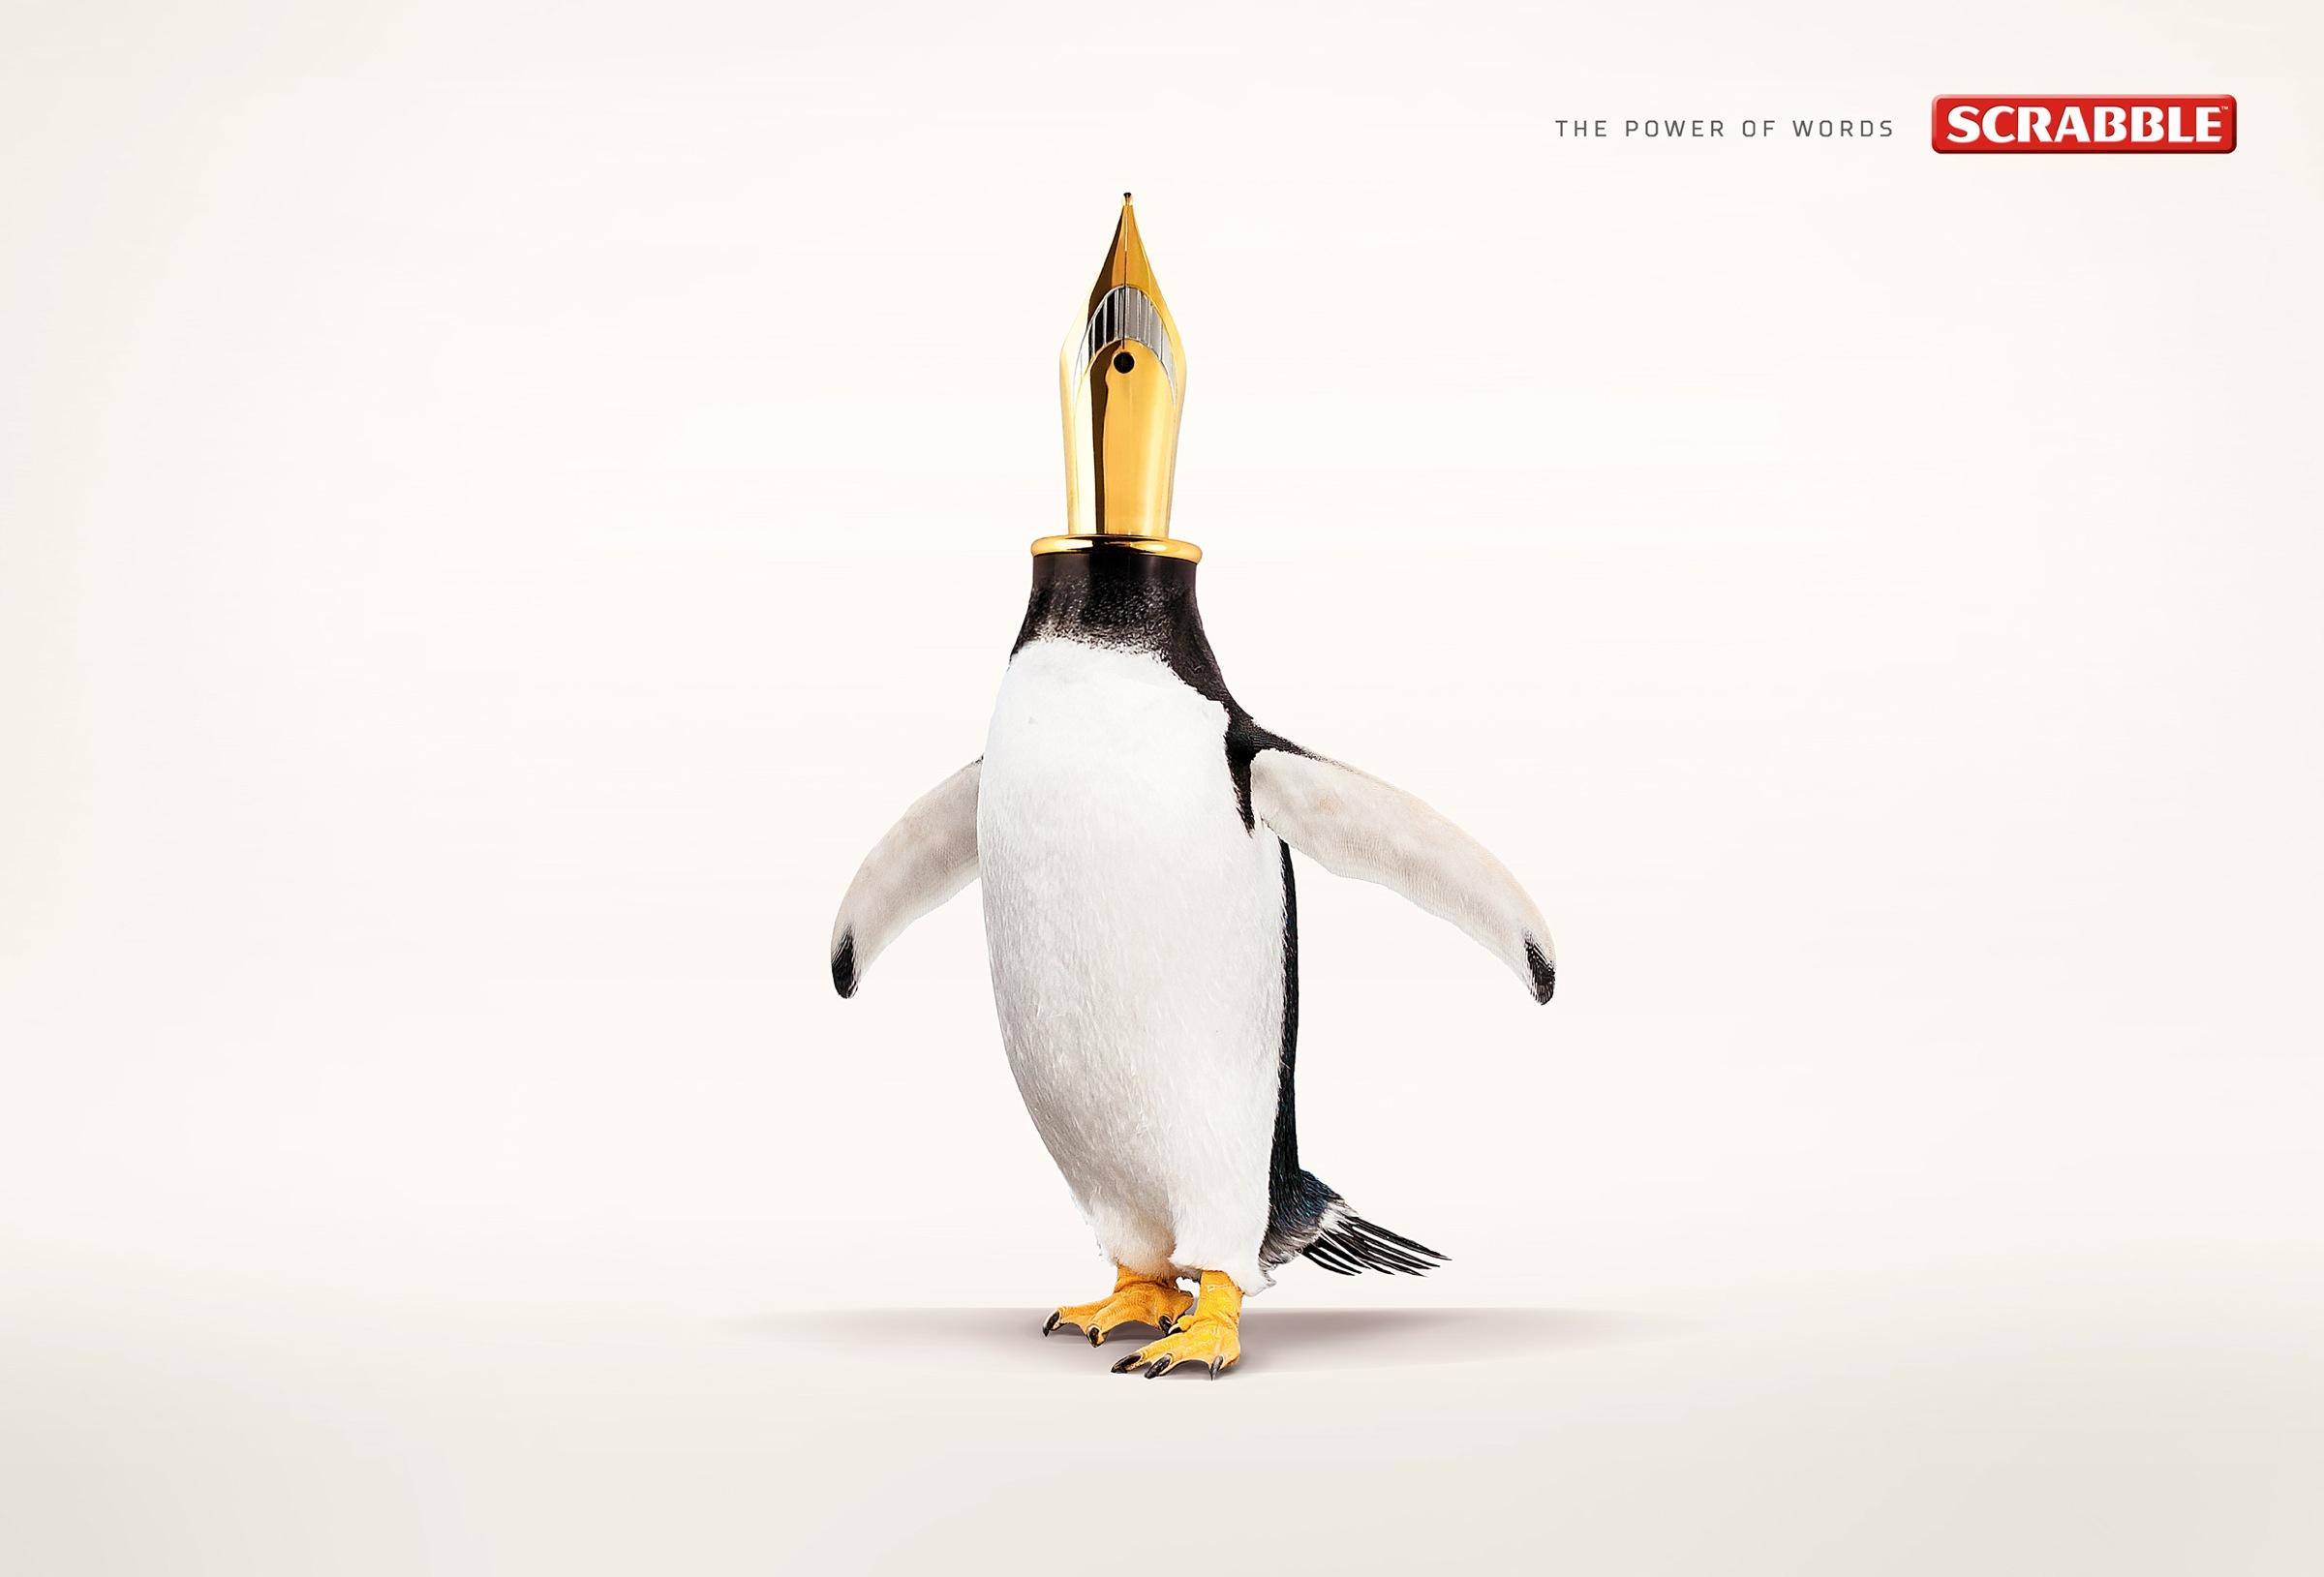 Креативная реклама – scrabble 3